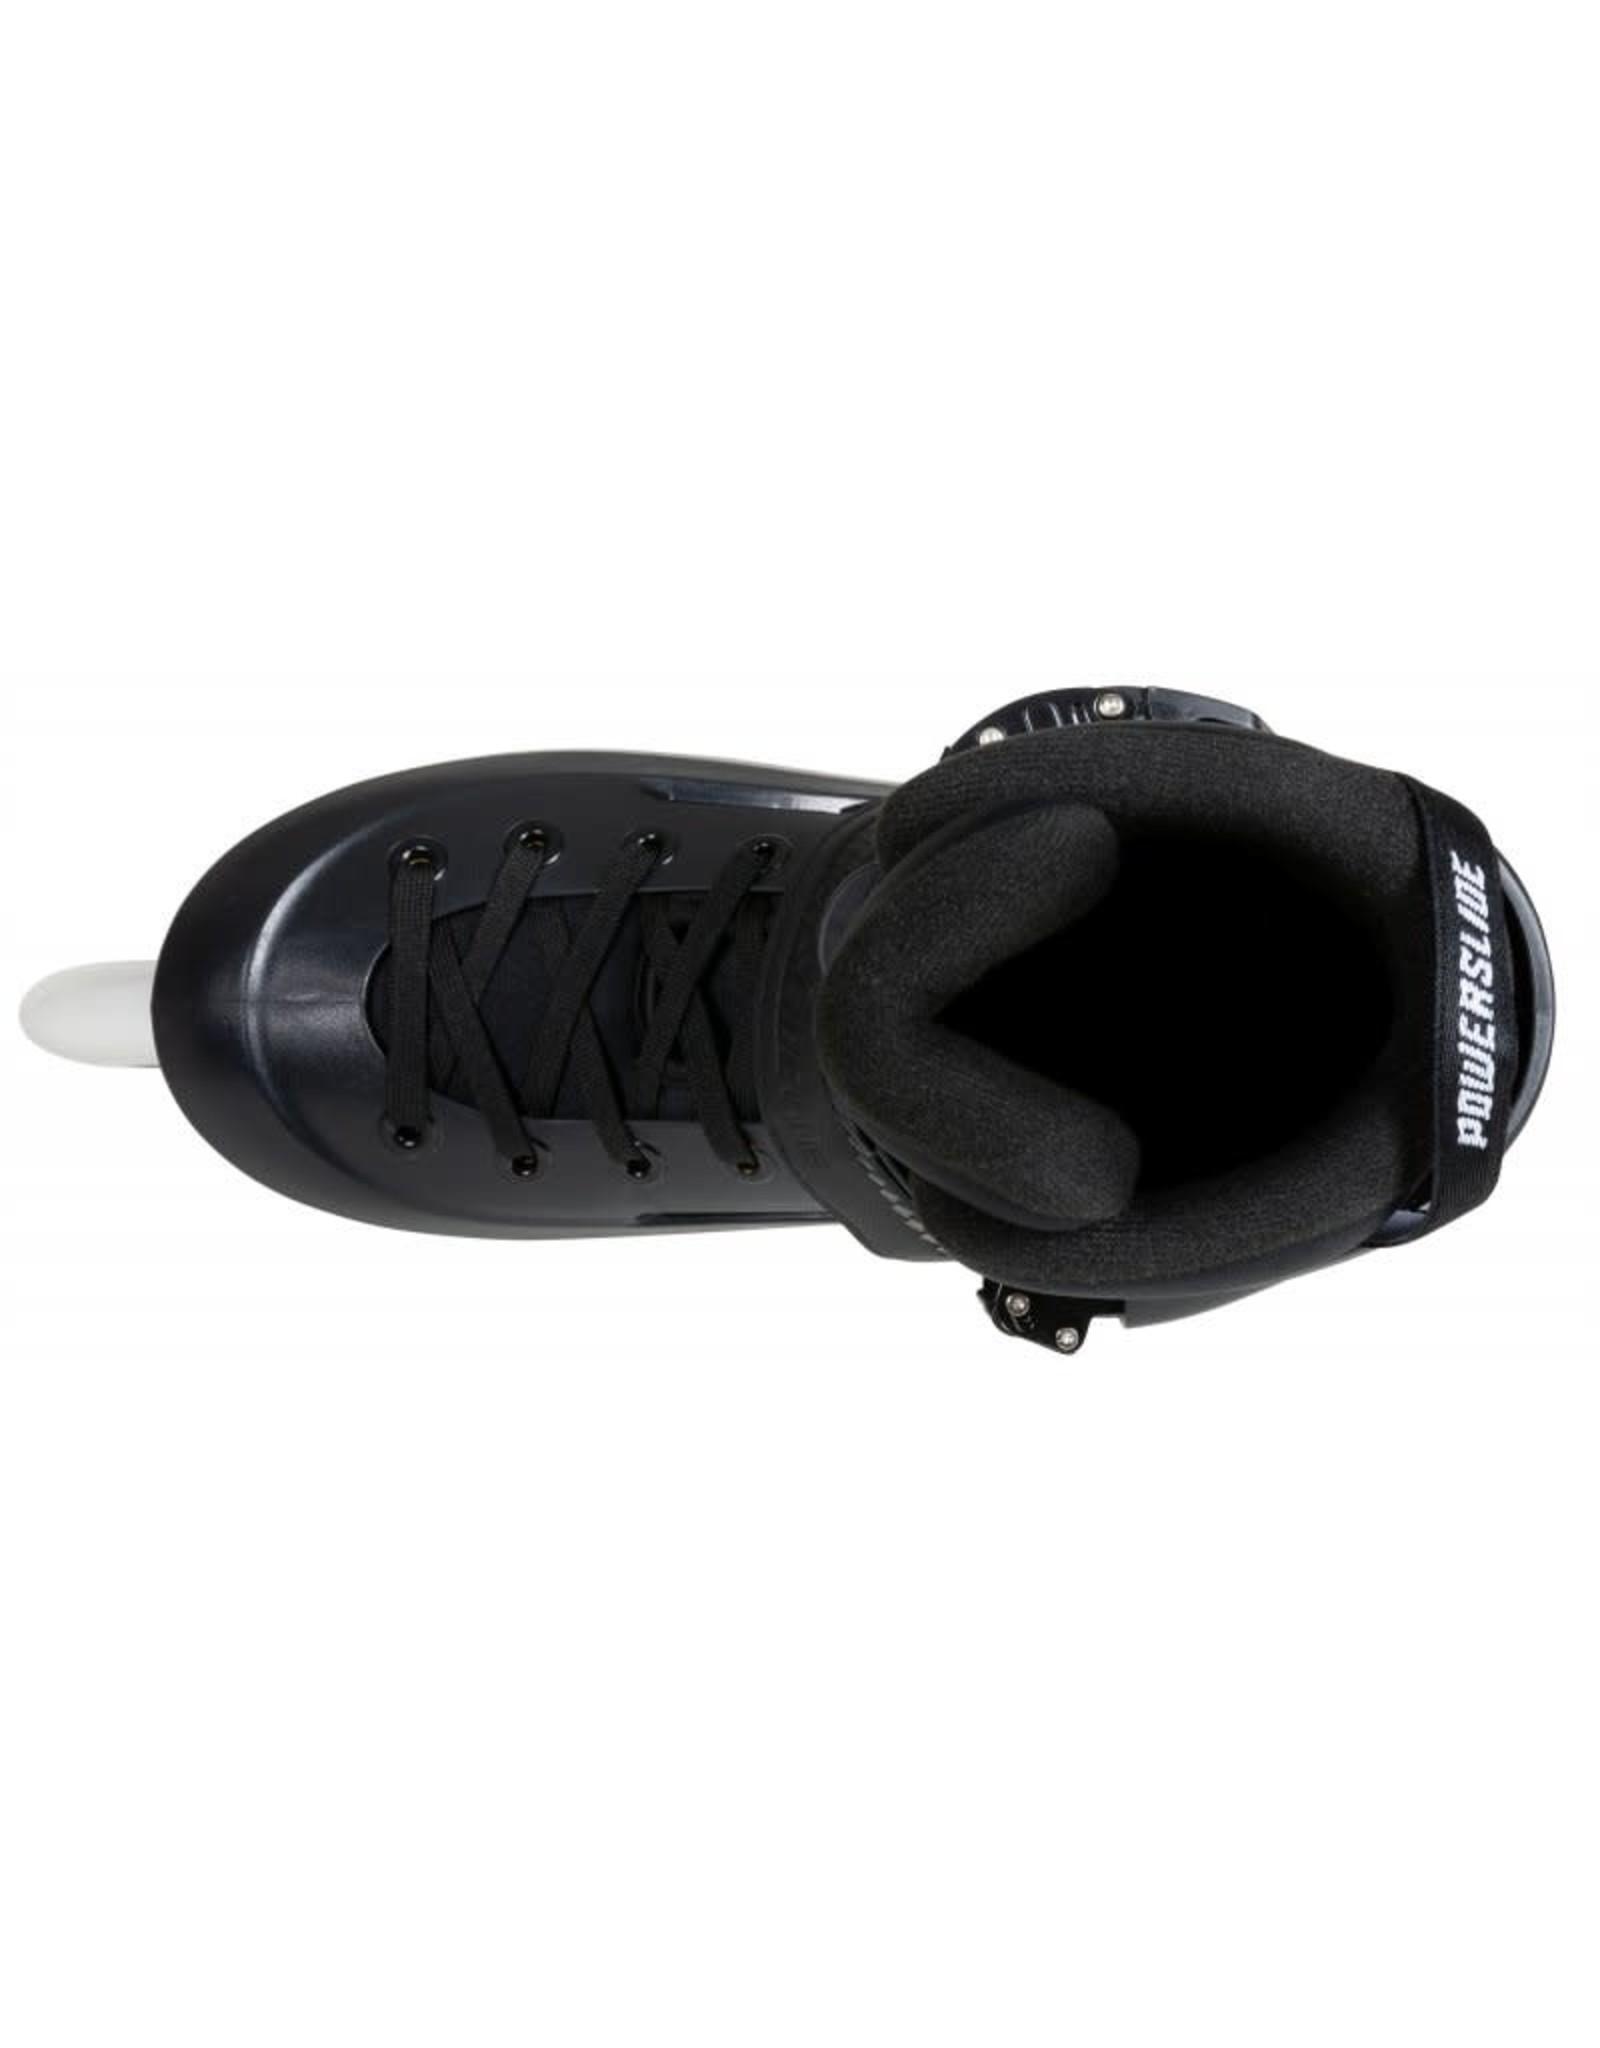 Powerslide Zoom Black 100